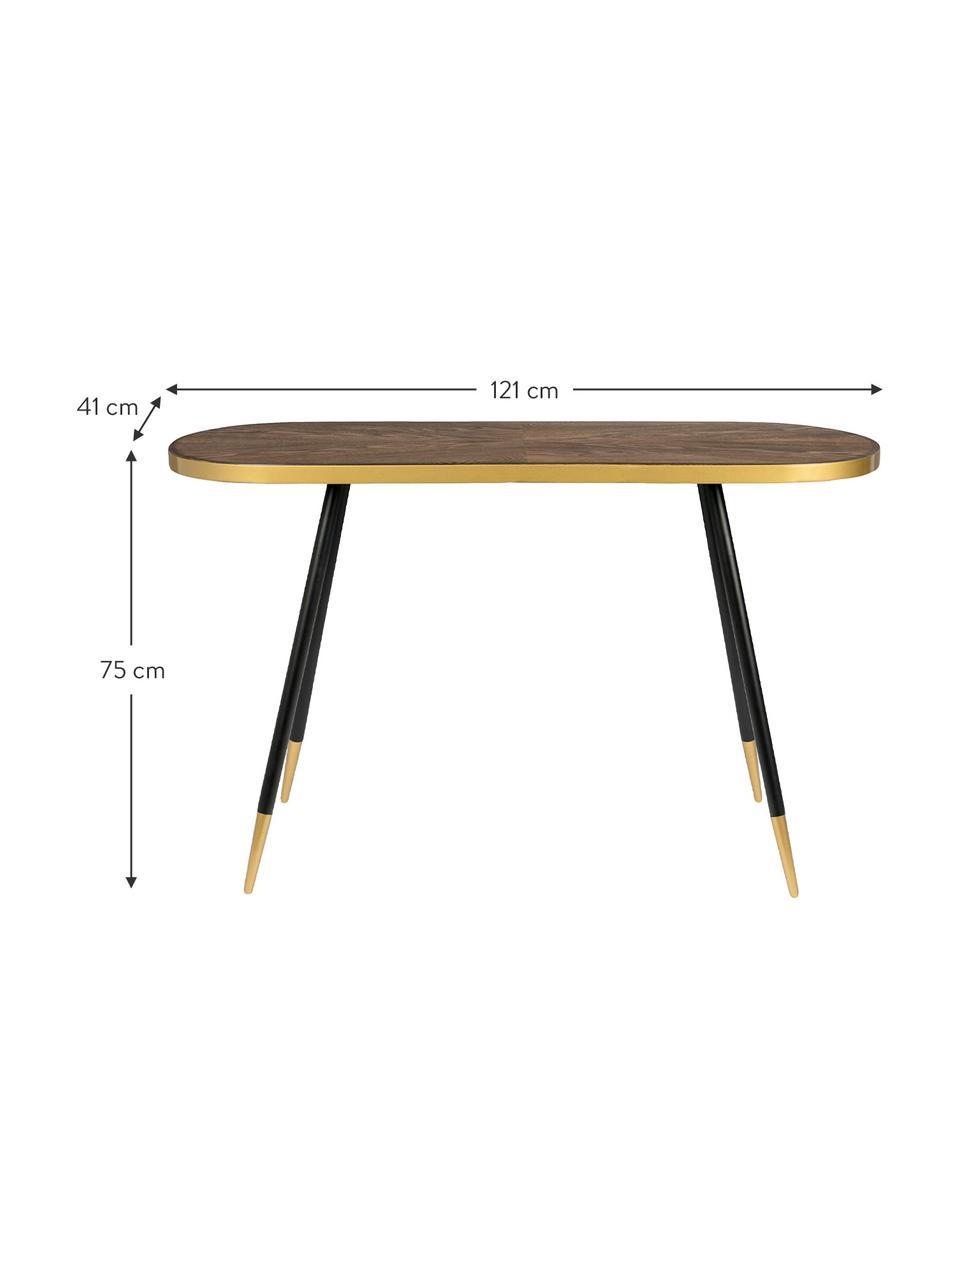 Consolle con piano ovale Denise, Piano d'appoggio: pannello di fibra a media, Legno di frassino, dorato, Larg. 121 x Prof. 41 cm